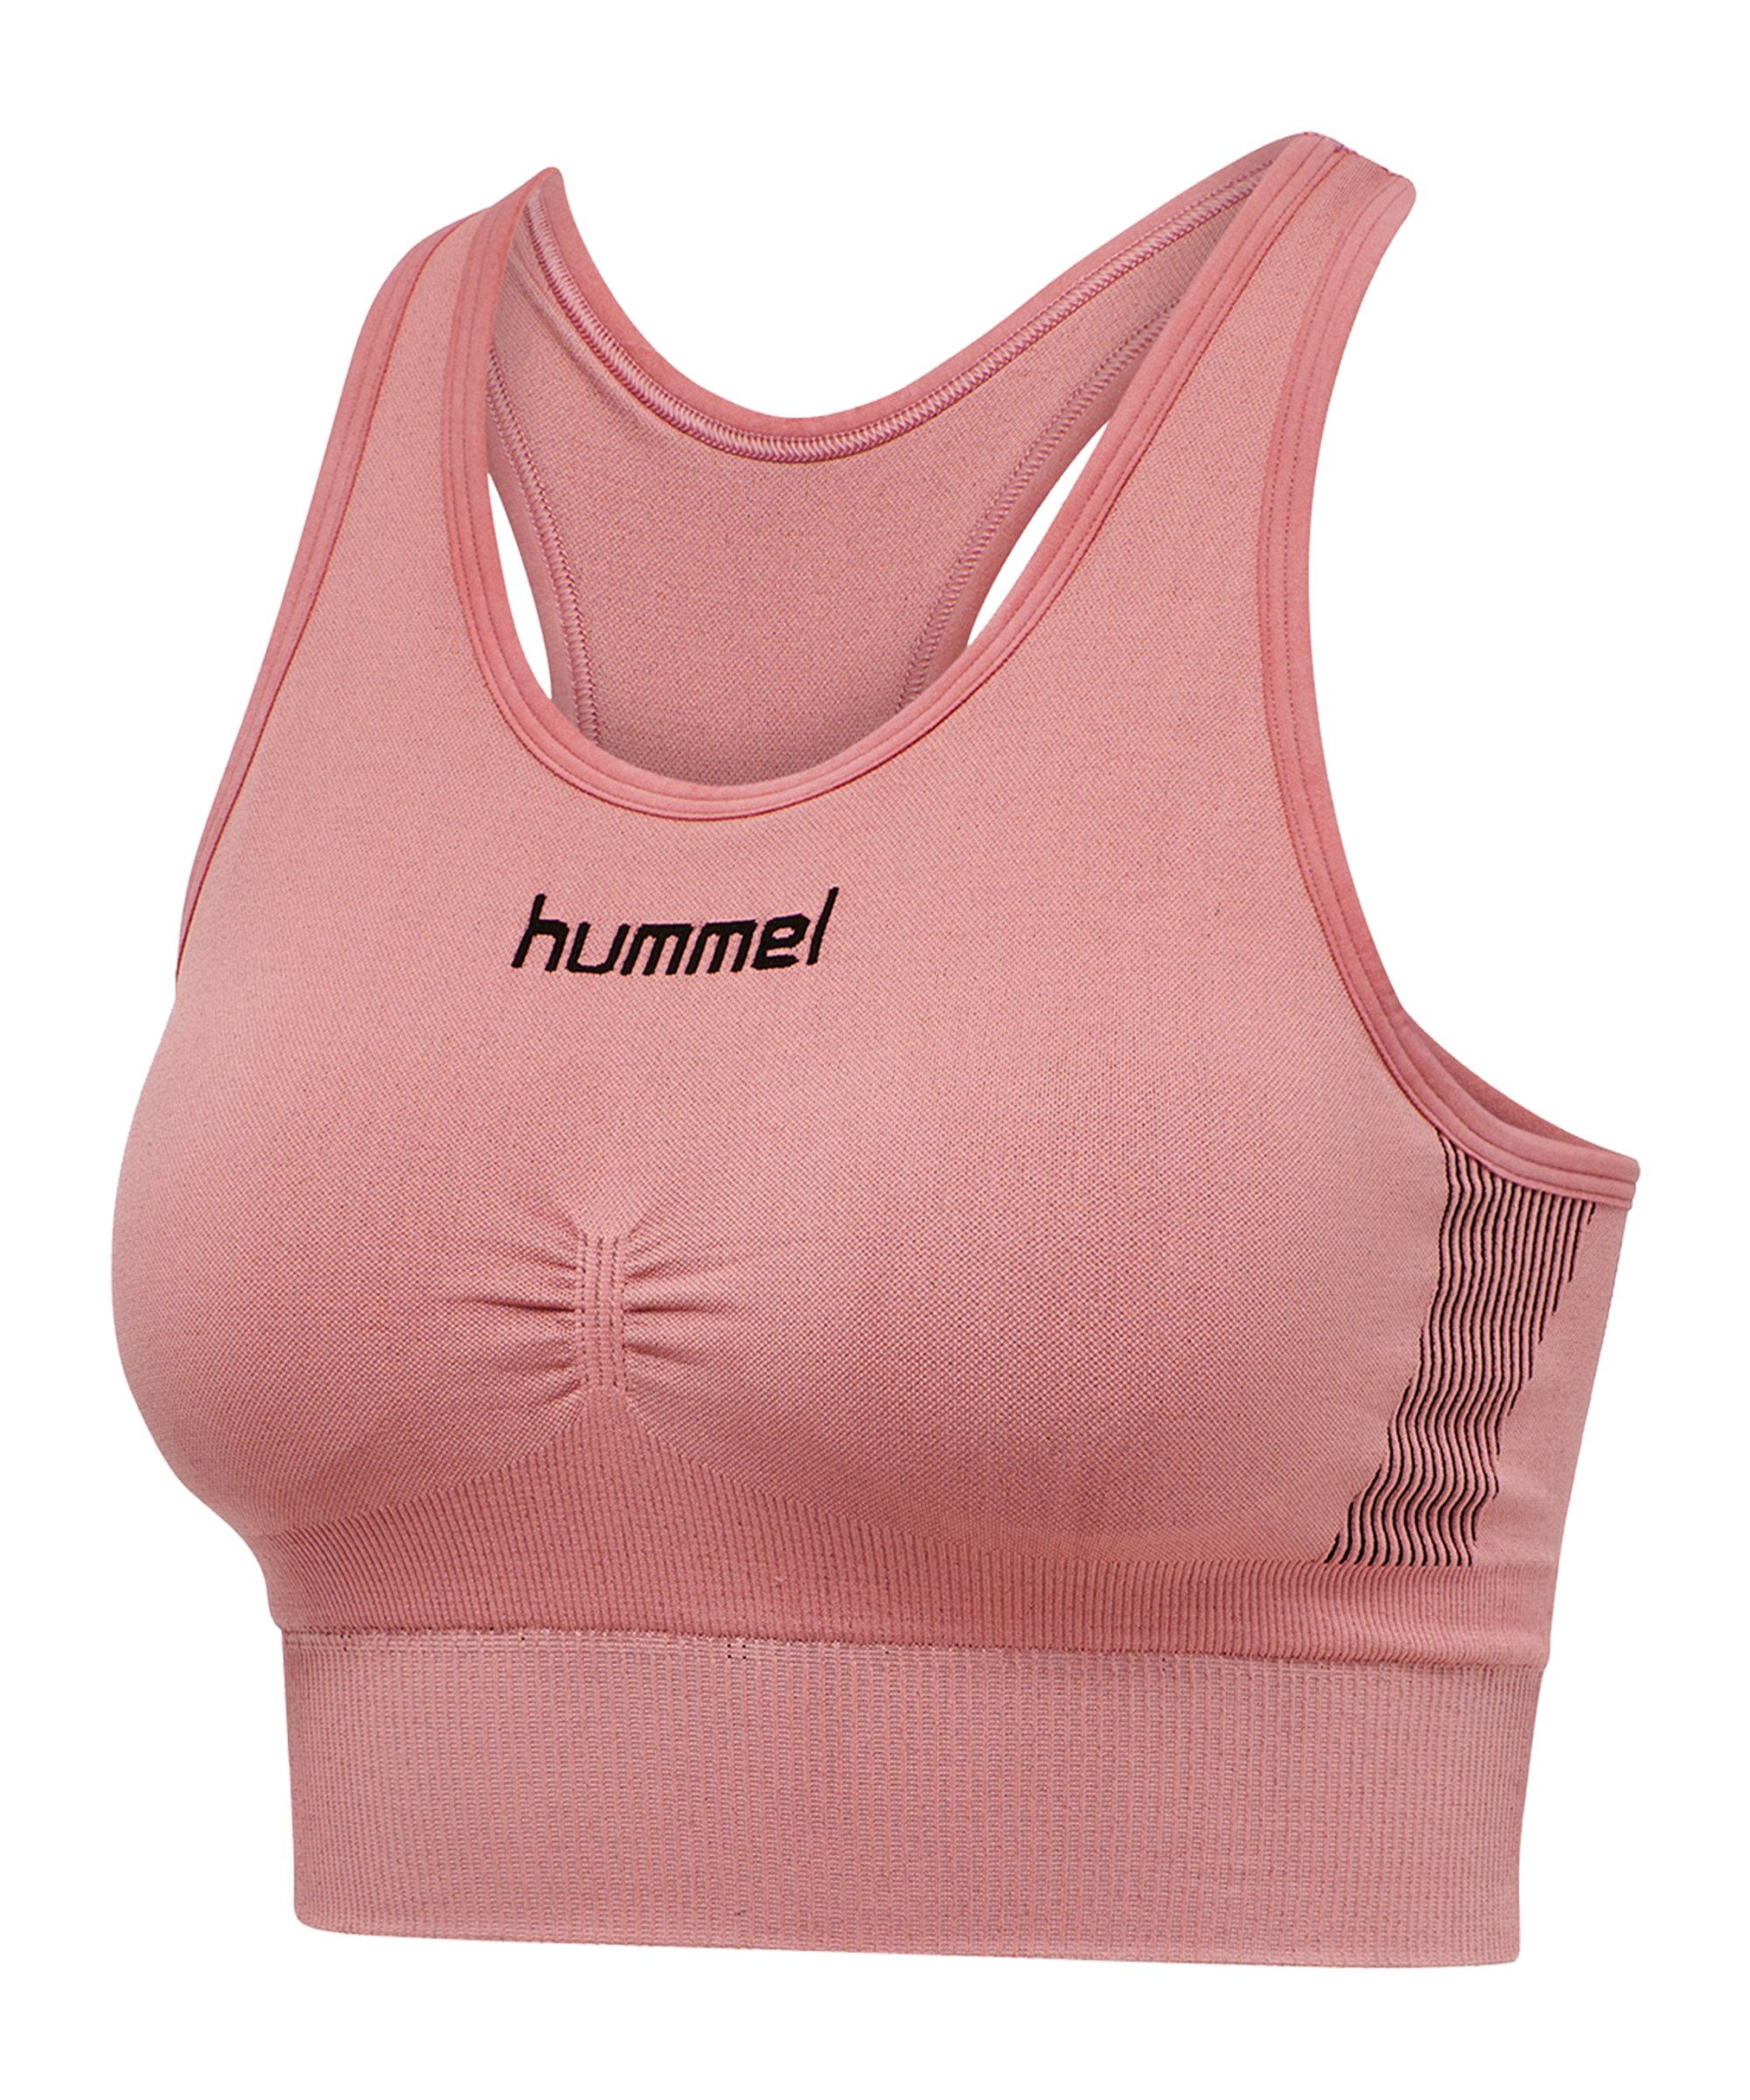 Hummel First Seamless Sport-BH Bra Damen F4337 - rosa